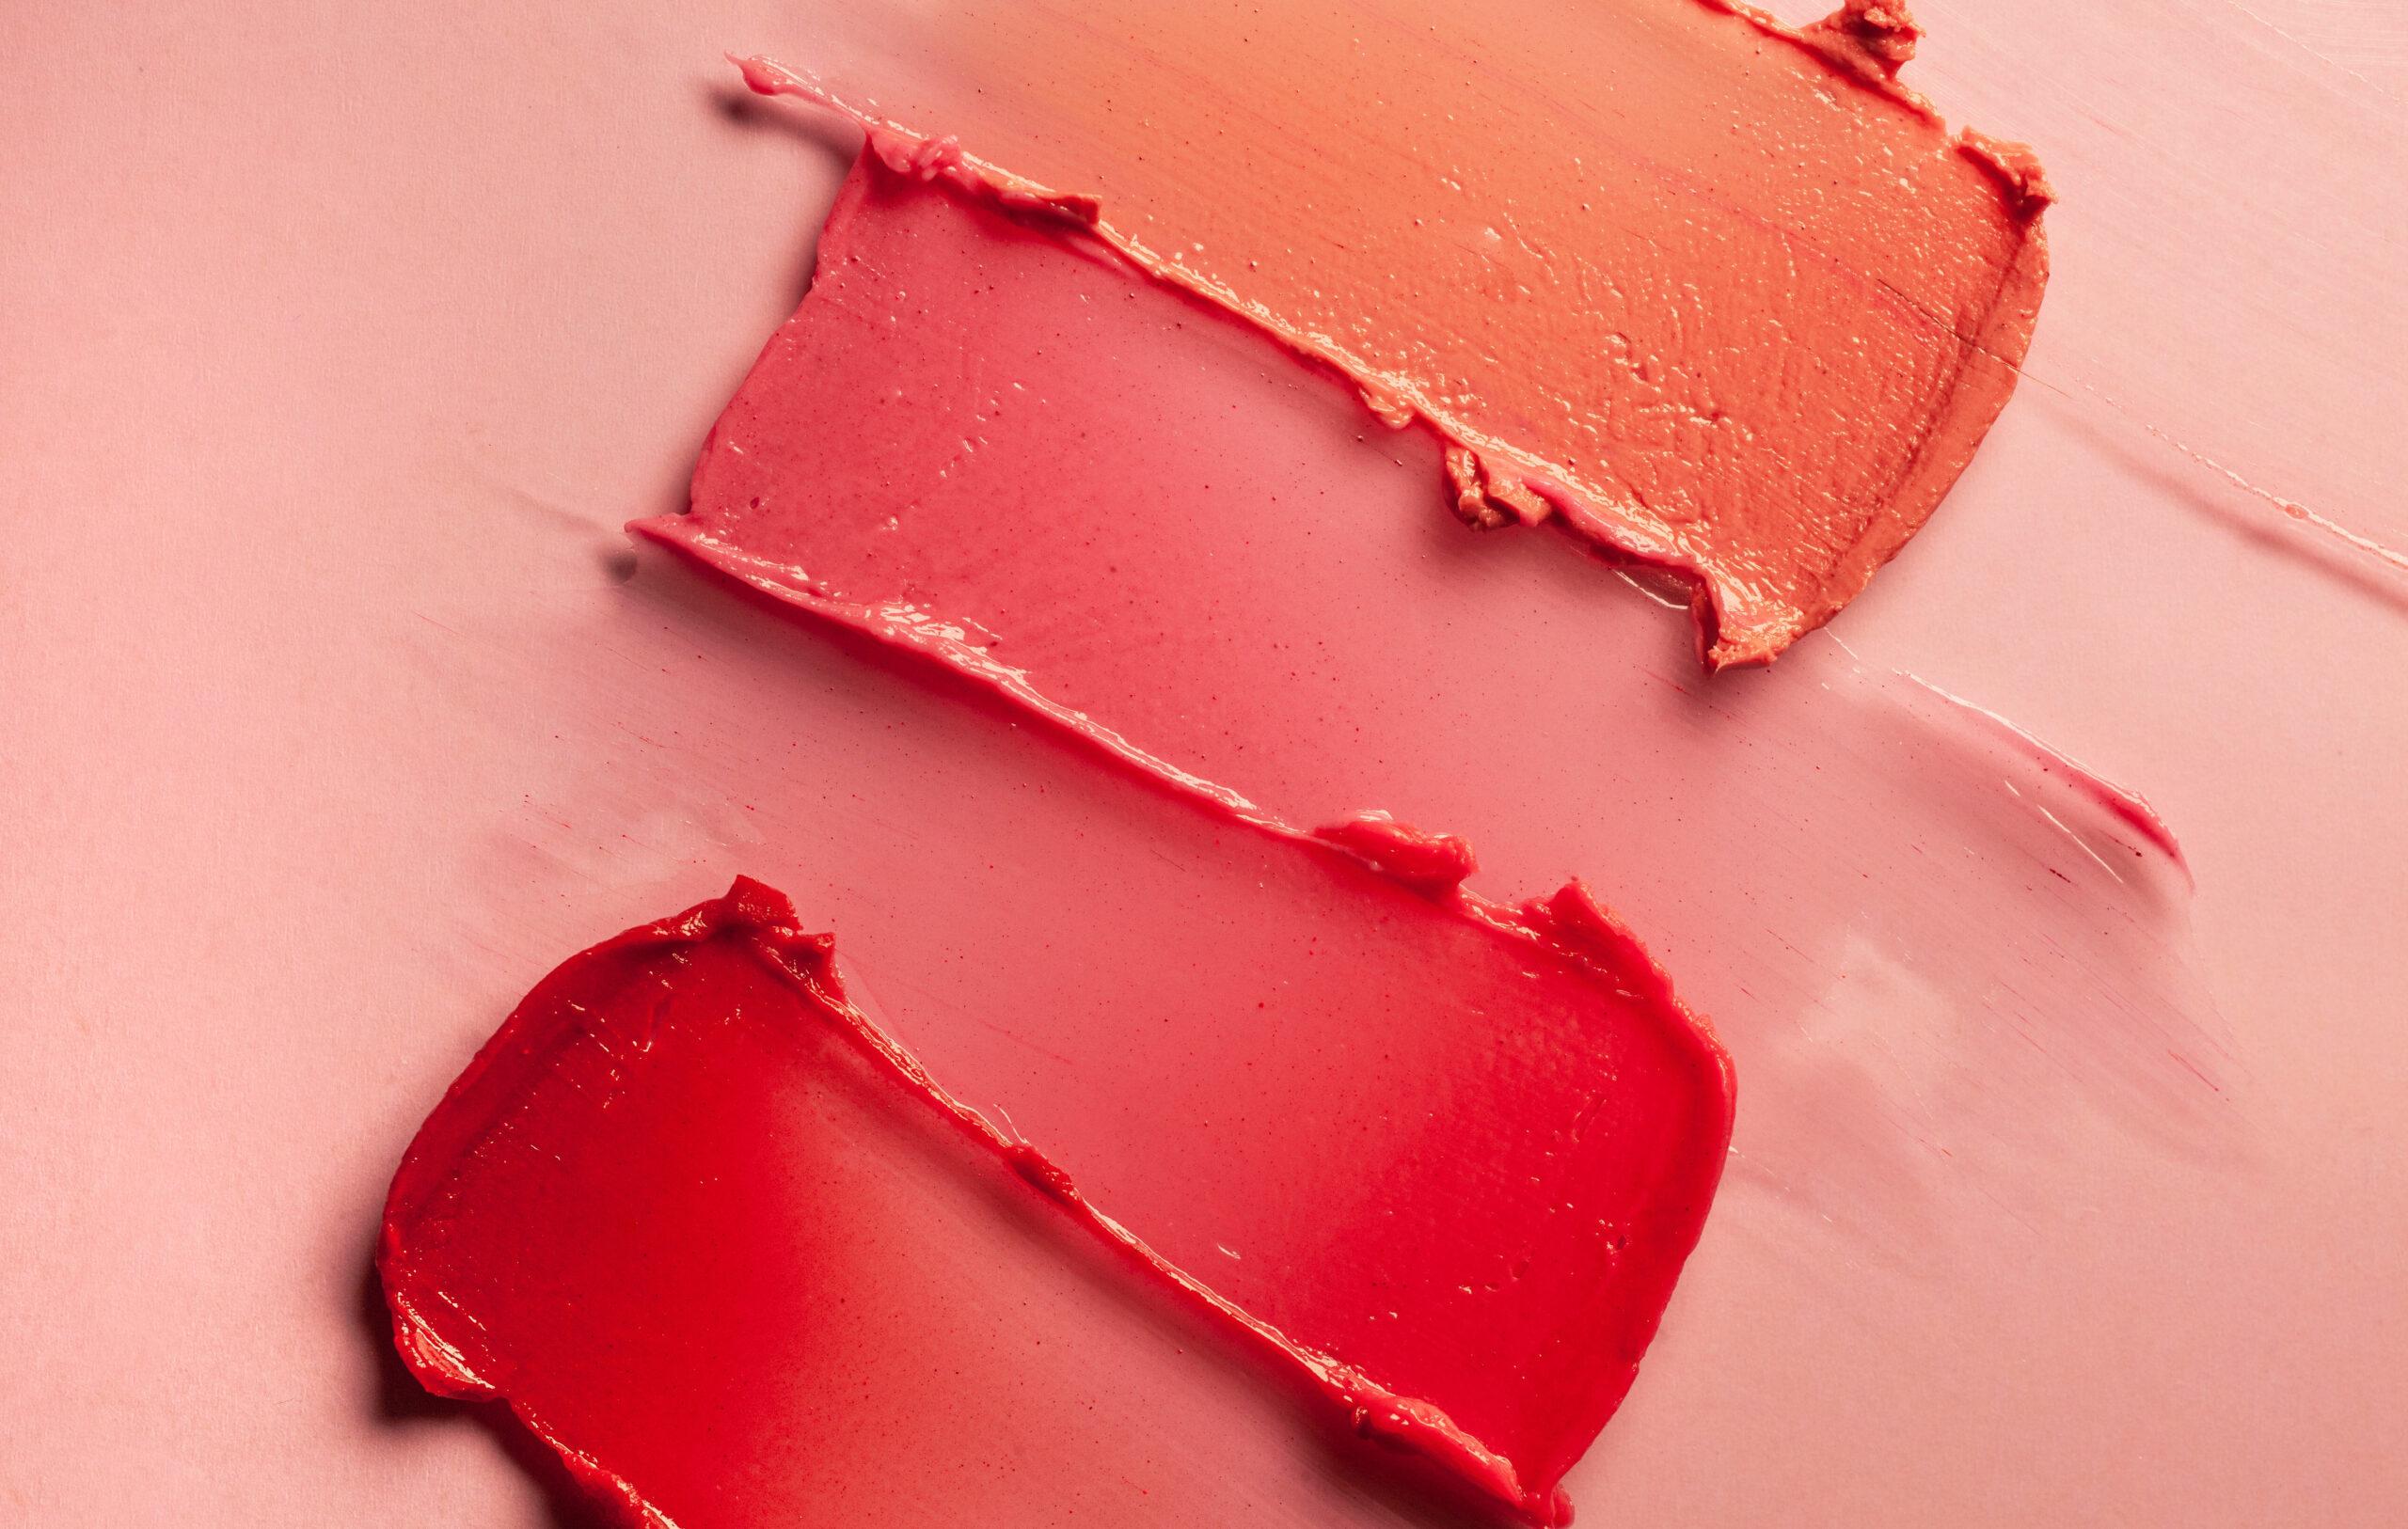 Huulipunasävyjä sudittuna vaaleanpunaiselle taustalle.